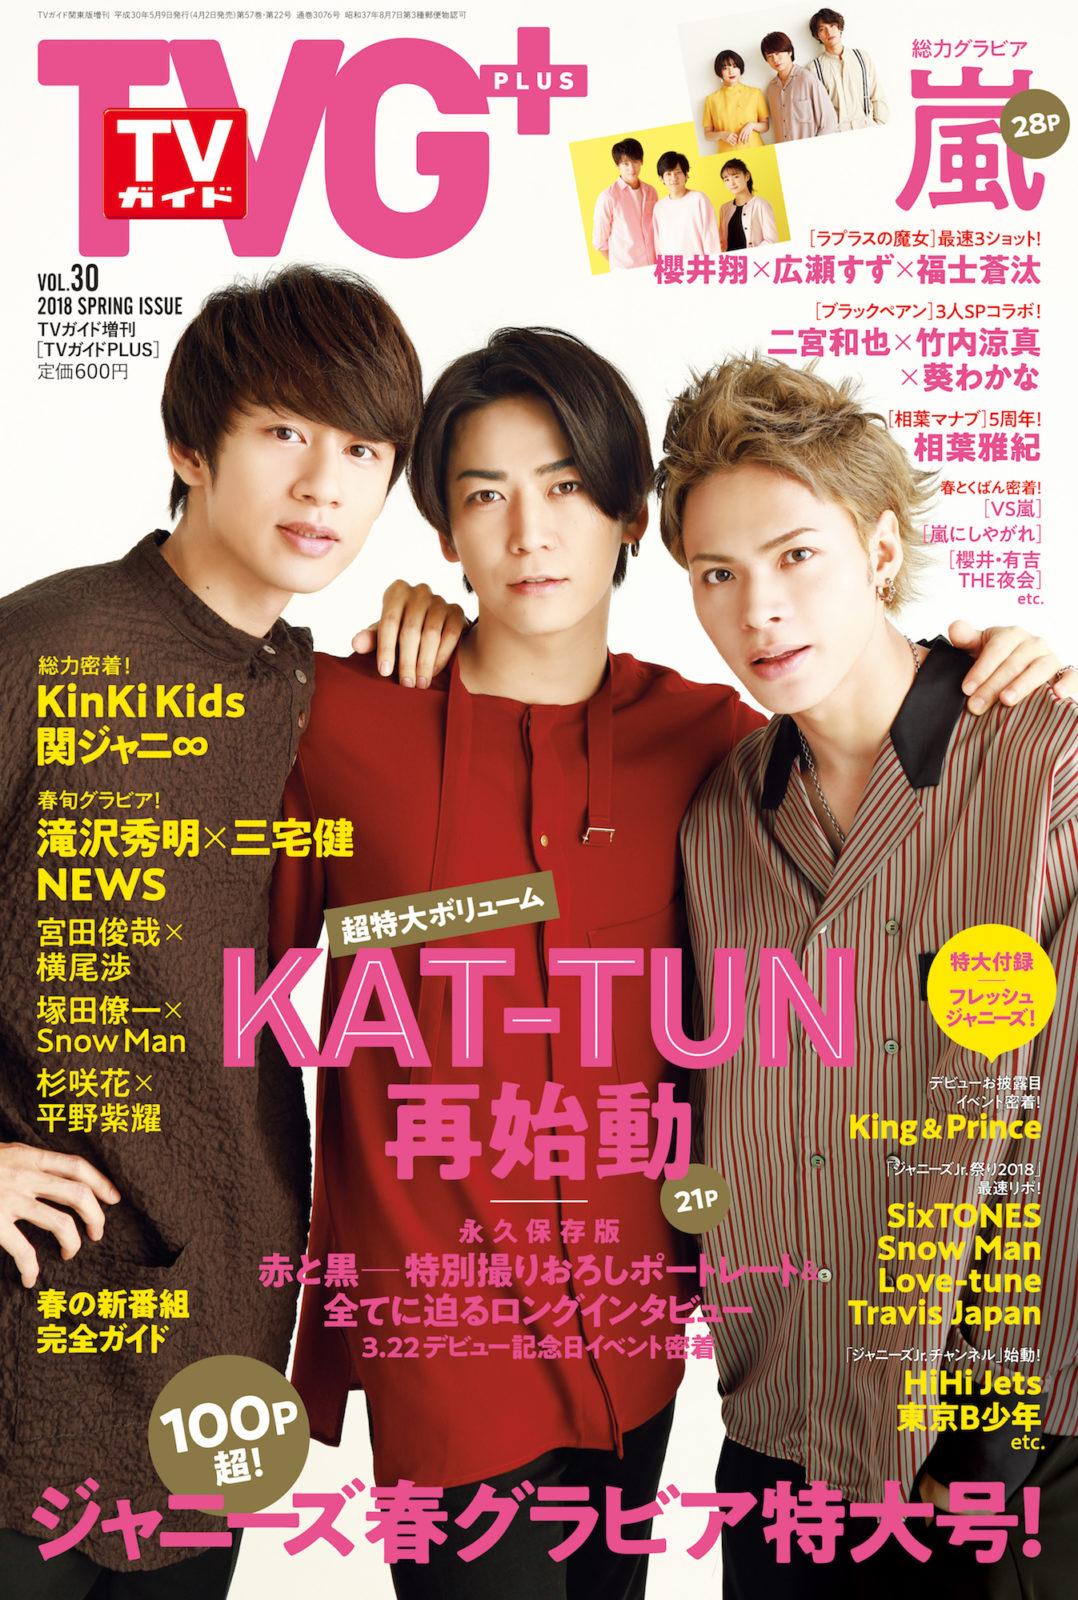 再始動したKAT-TUNが表紙に登場!「2年待たせたみんなに笑顔になってほしい」サムネイル画像